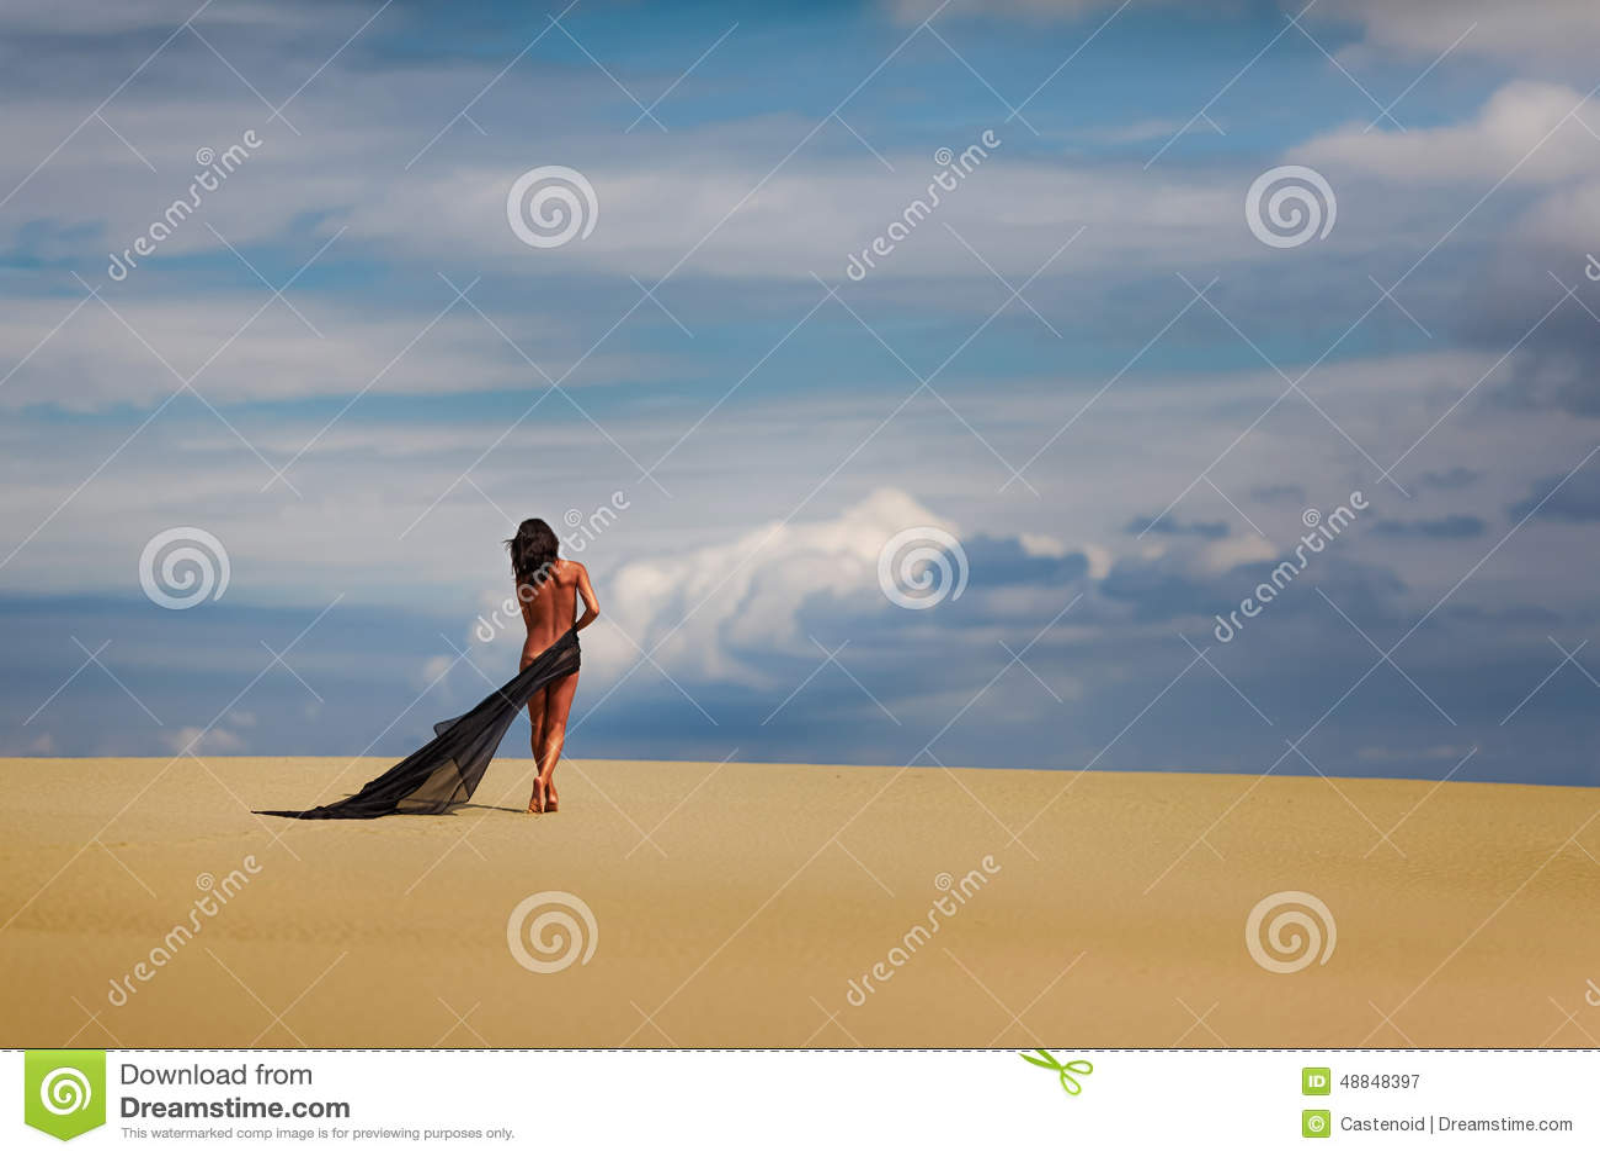 Nude girls in the desert